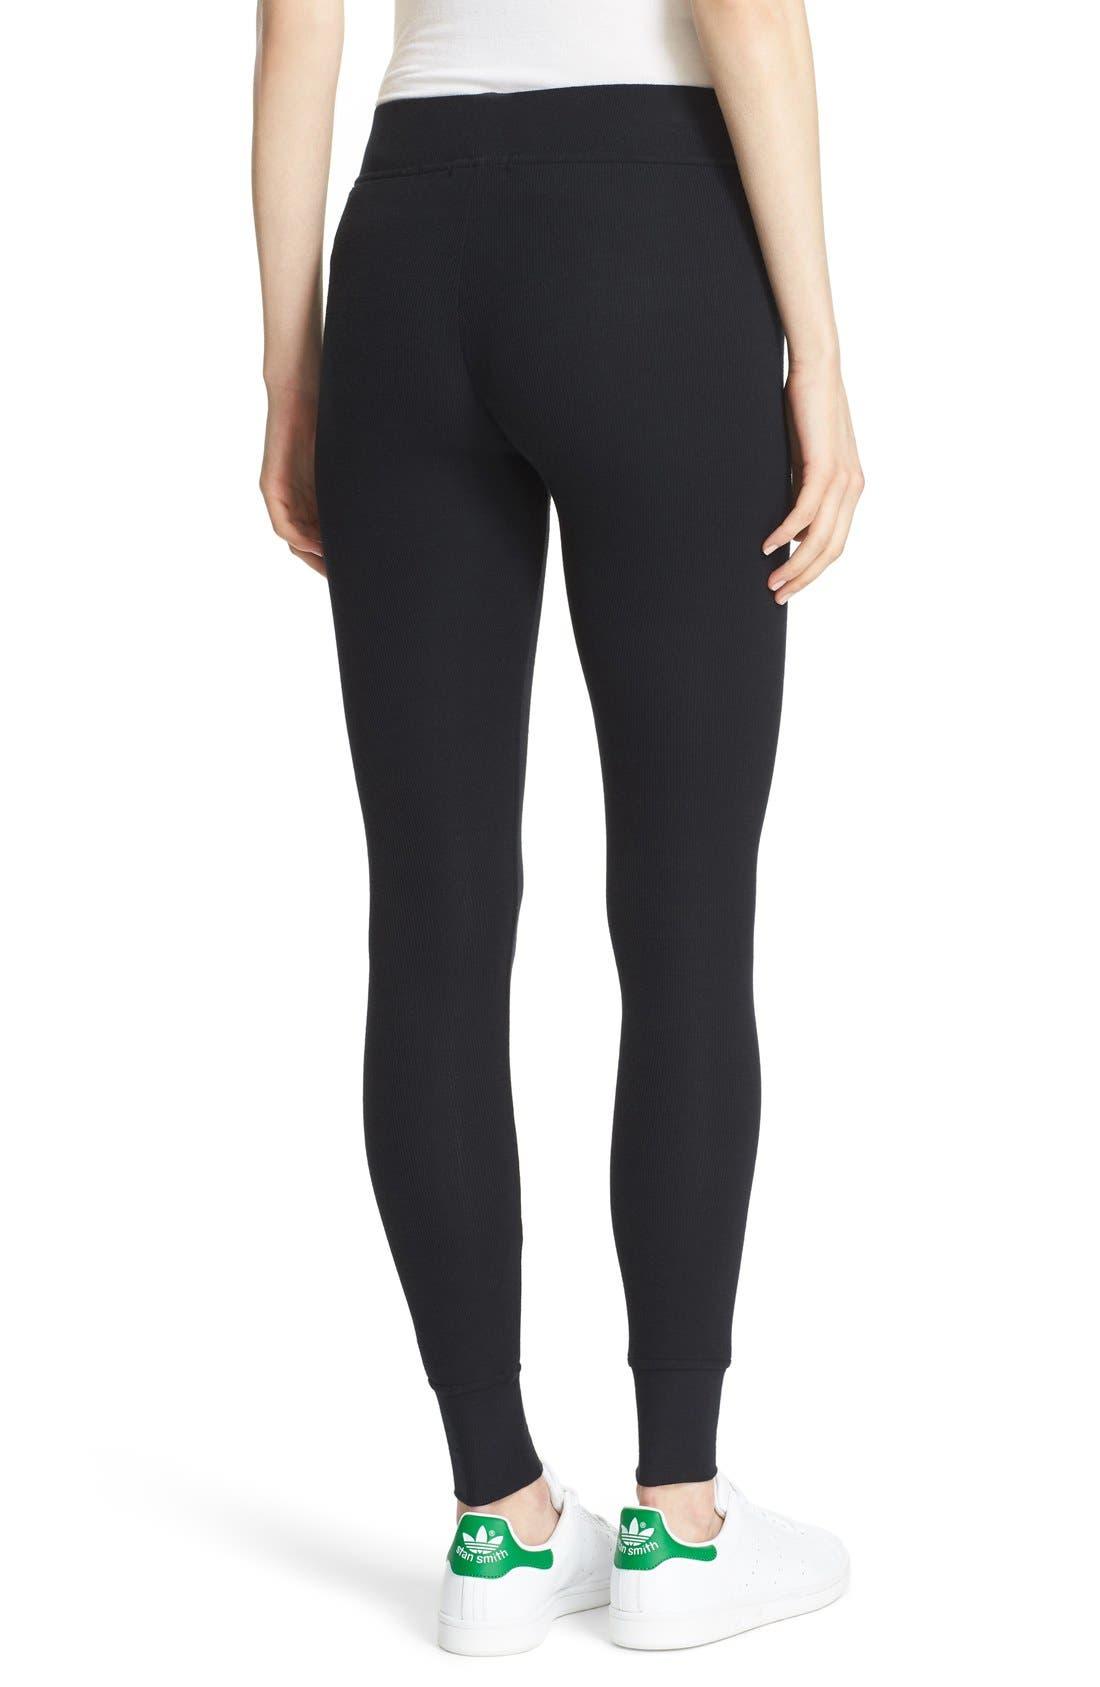 Rib Knit Yoga Leggings,                             Alternate thumbnail 2, color,                             BLACK